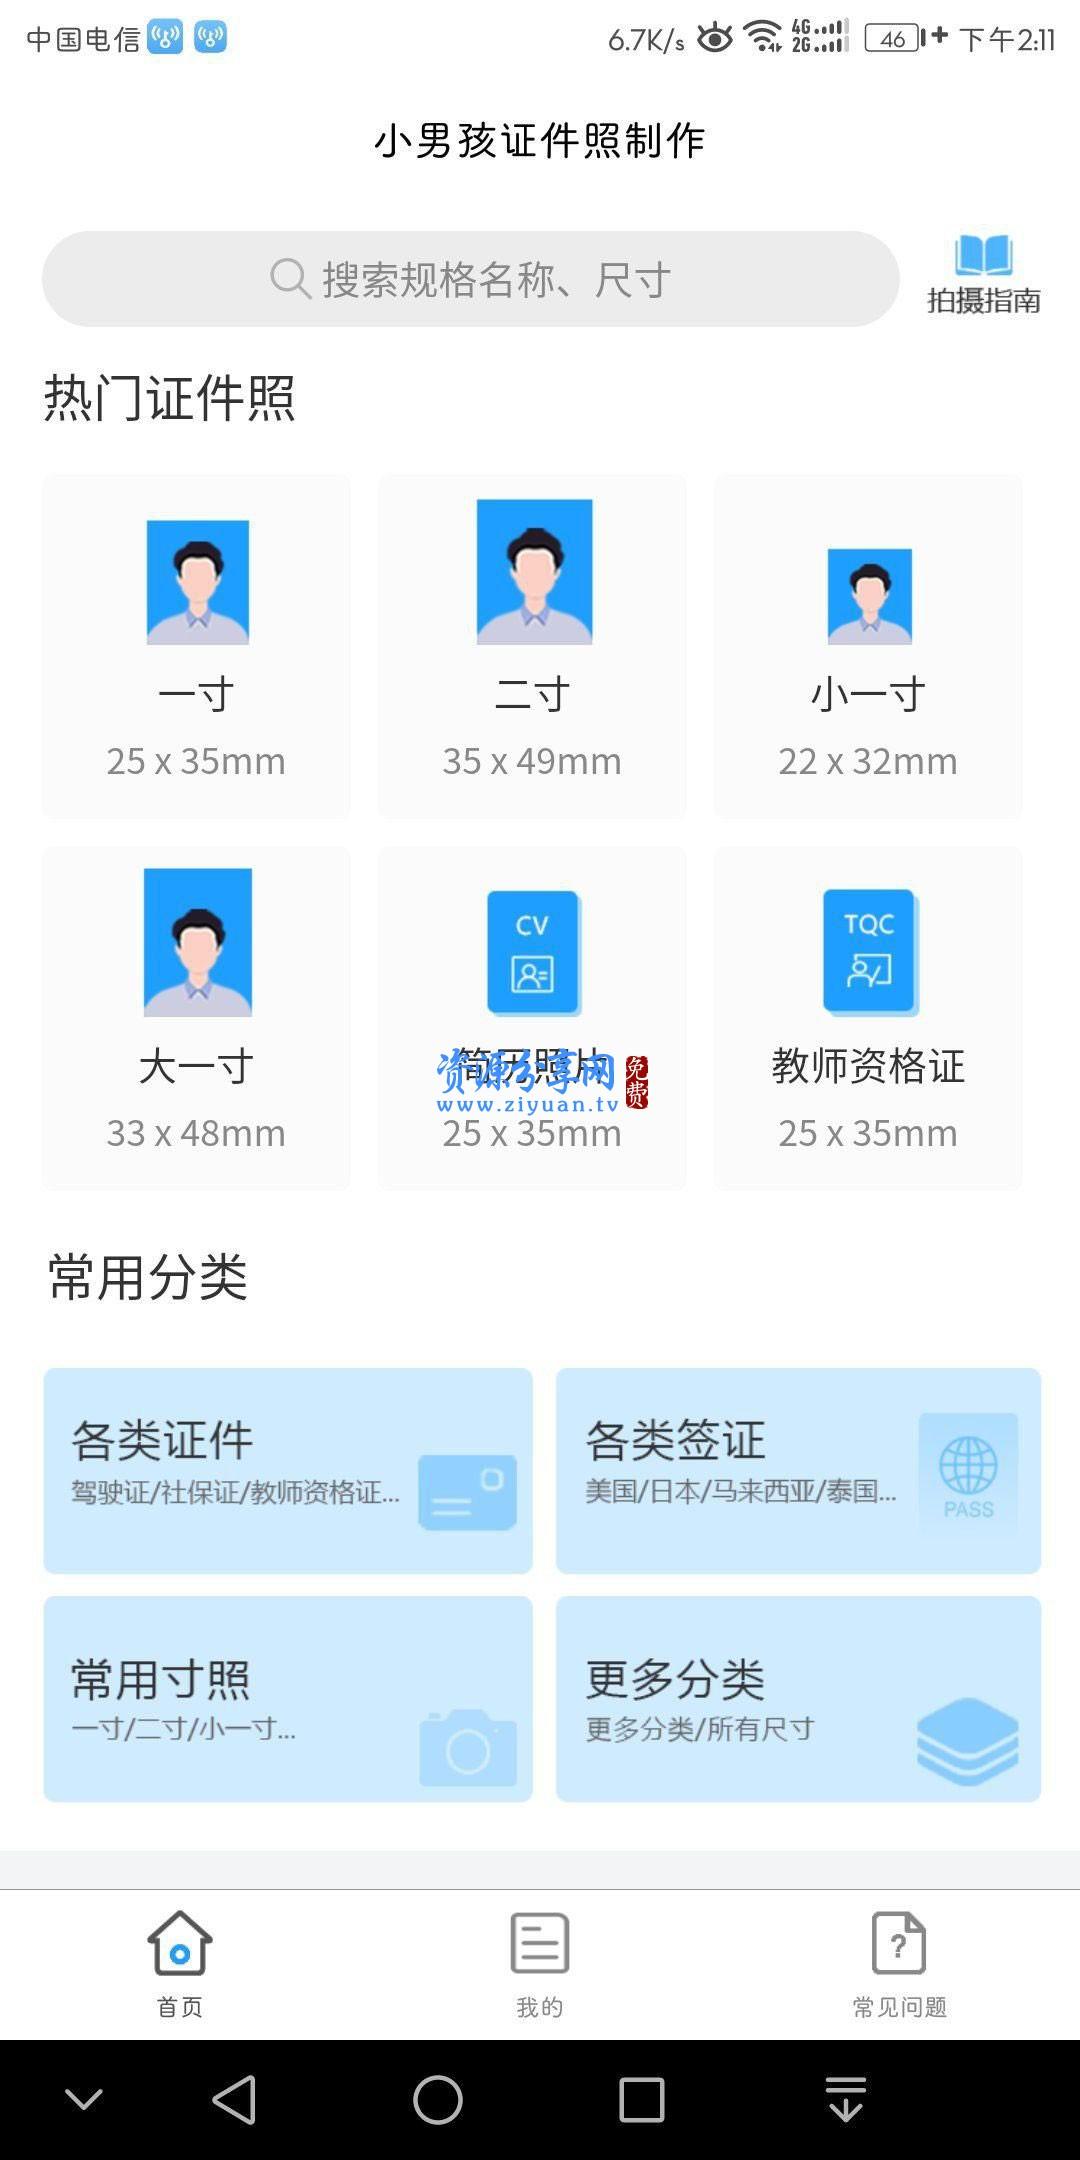 小男孩证件照制作 支持 500 多个证件照免费制作 一键换背景色自动排版自动美颜